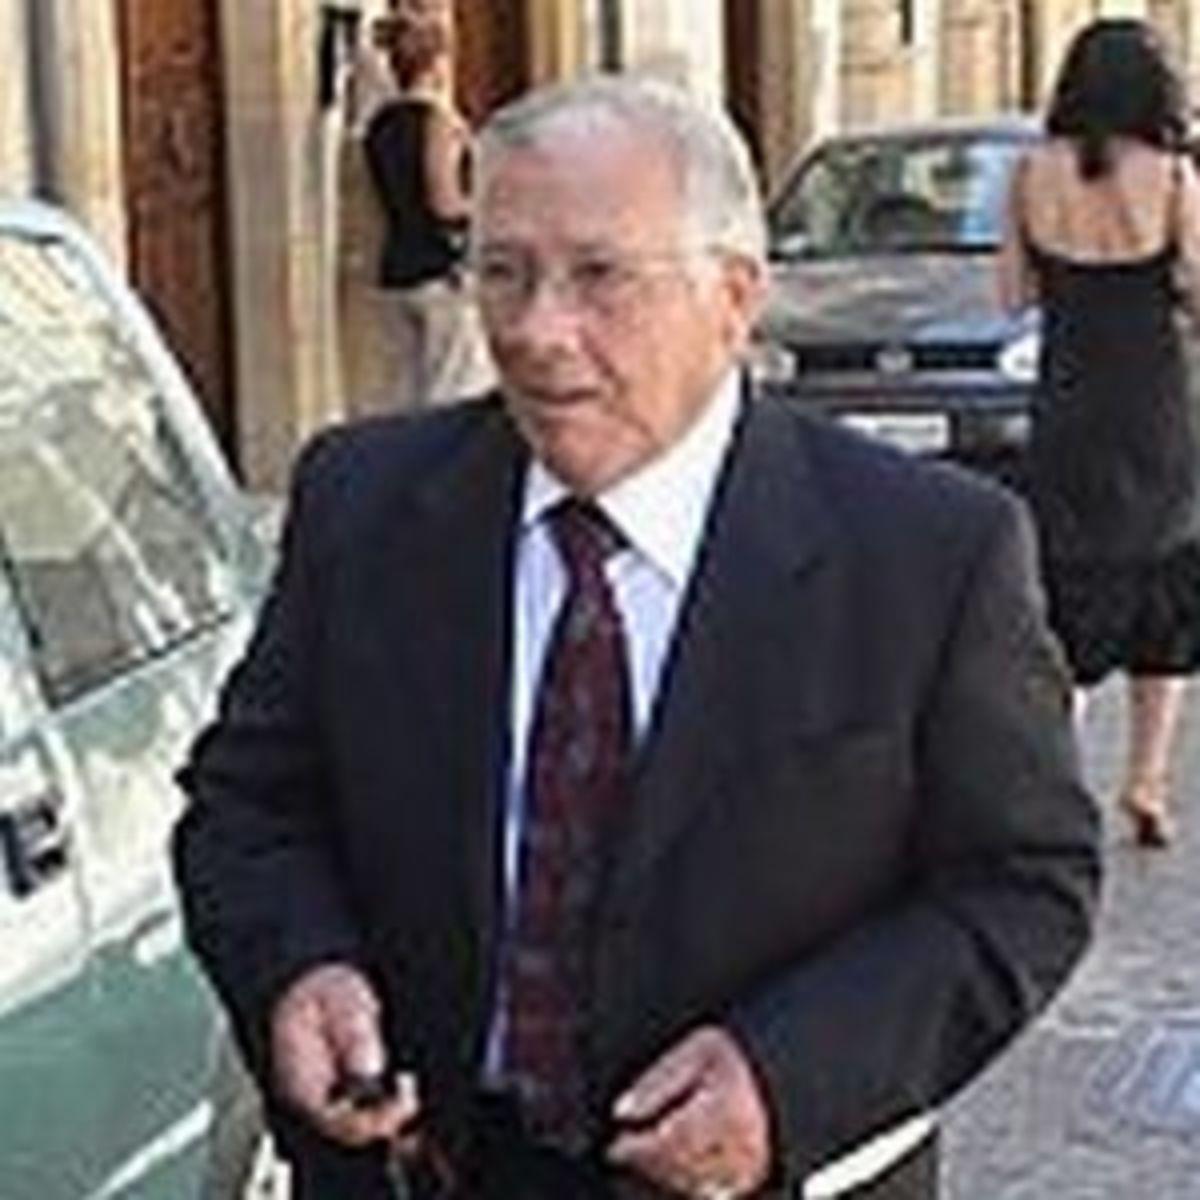 Στα χέρια της αστυνομίας ο αρχιμαφιόζος σύμβουλος των Κορλεόνε! | Newsit.gr